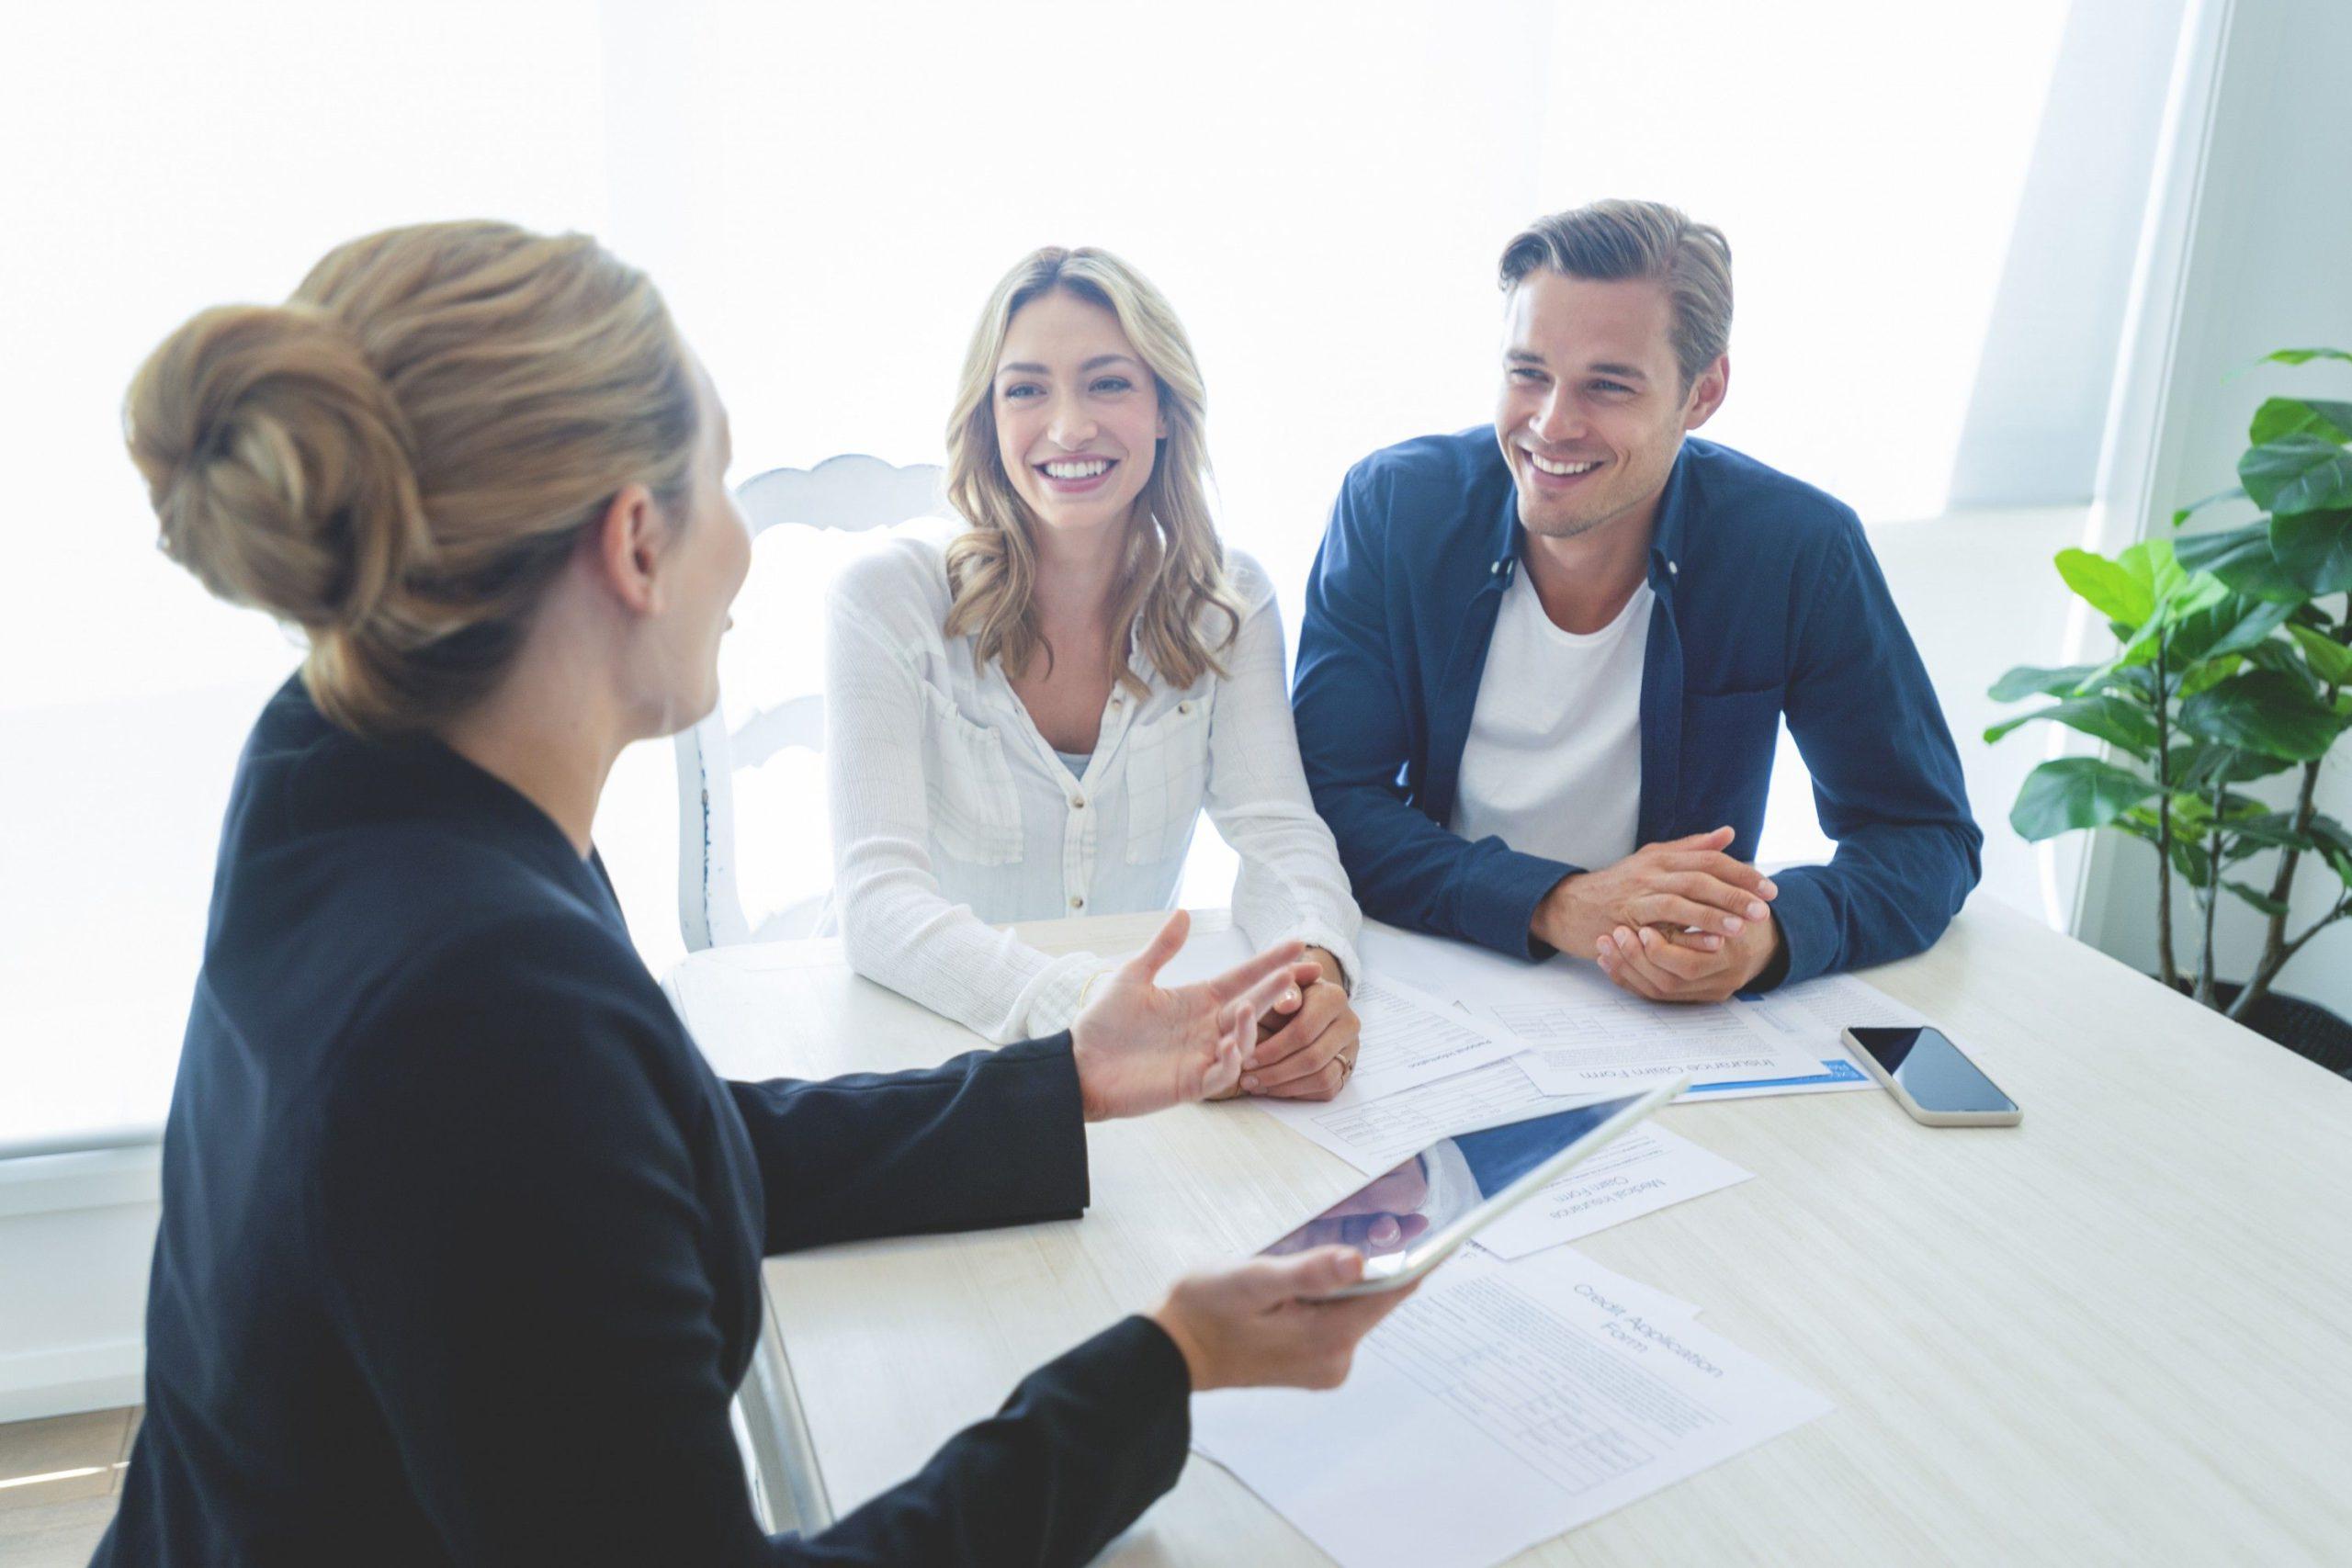 5 diferenciais dos profissionais que oferecem soluções de crédito imobiliário